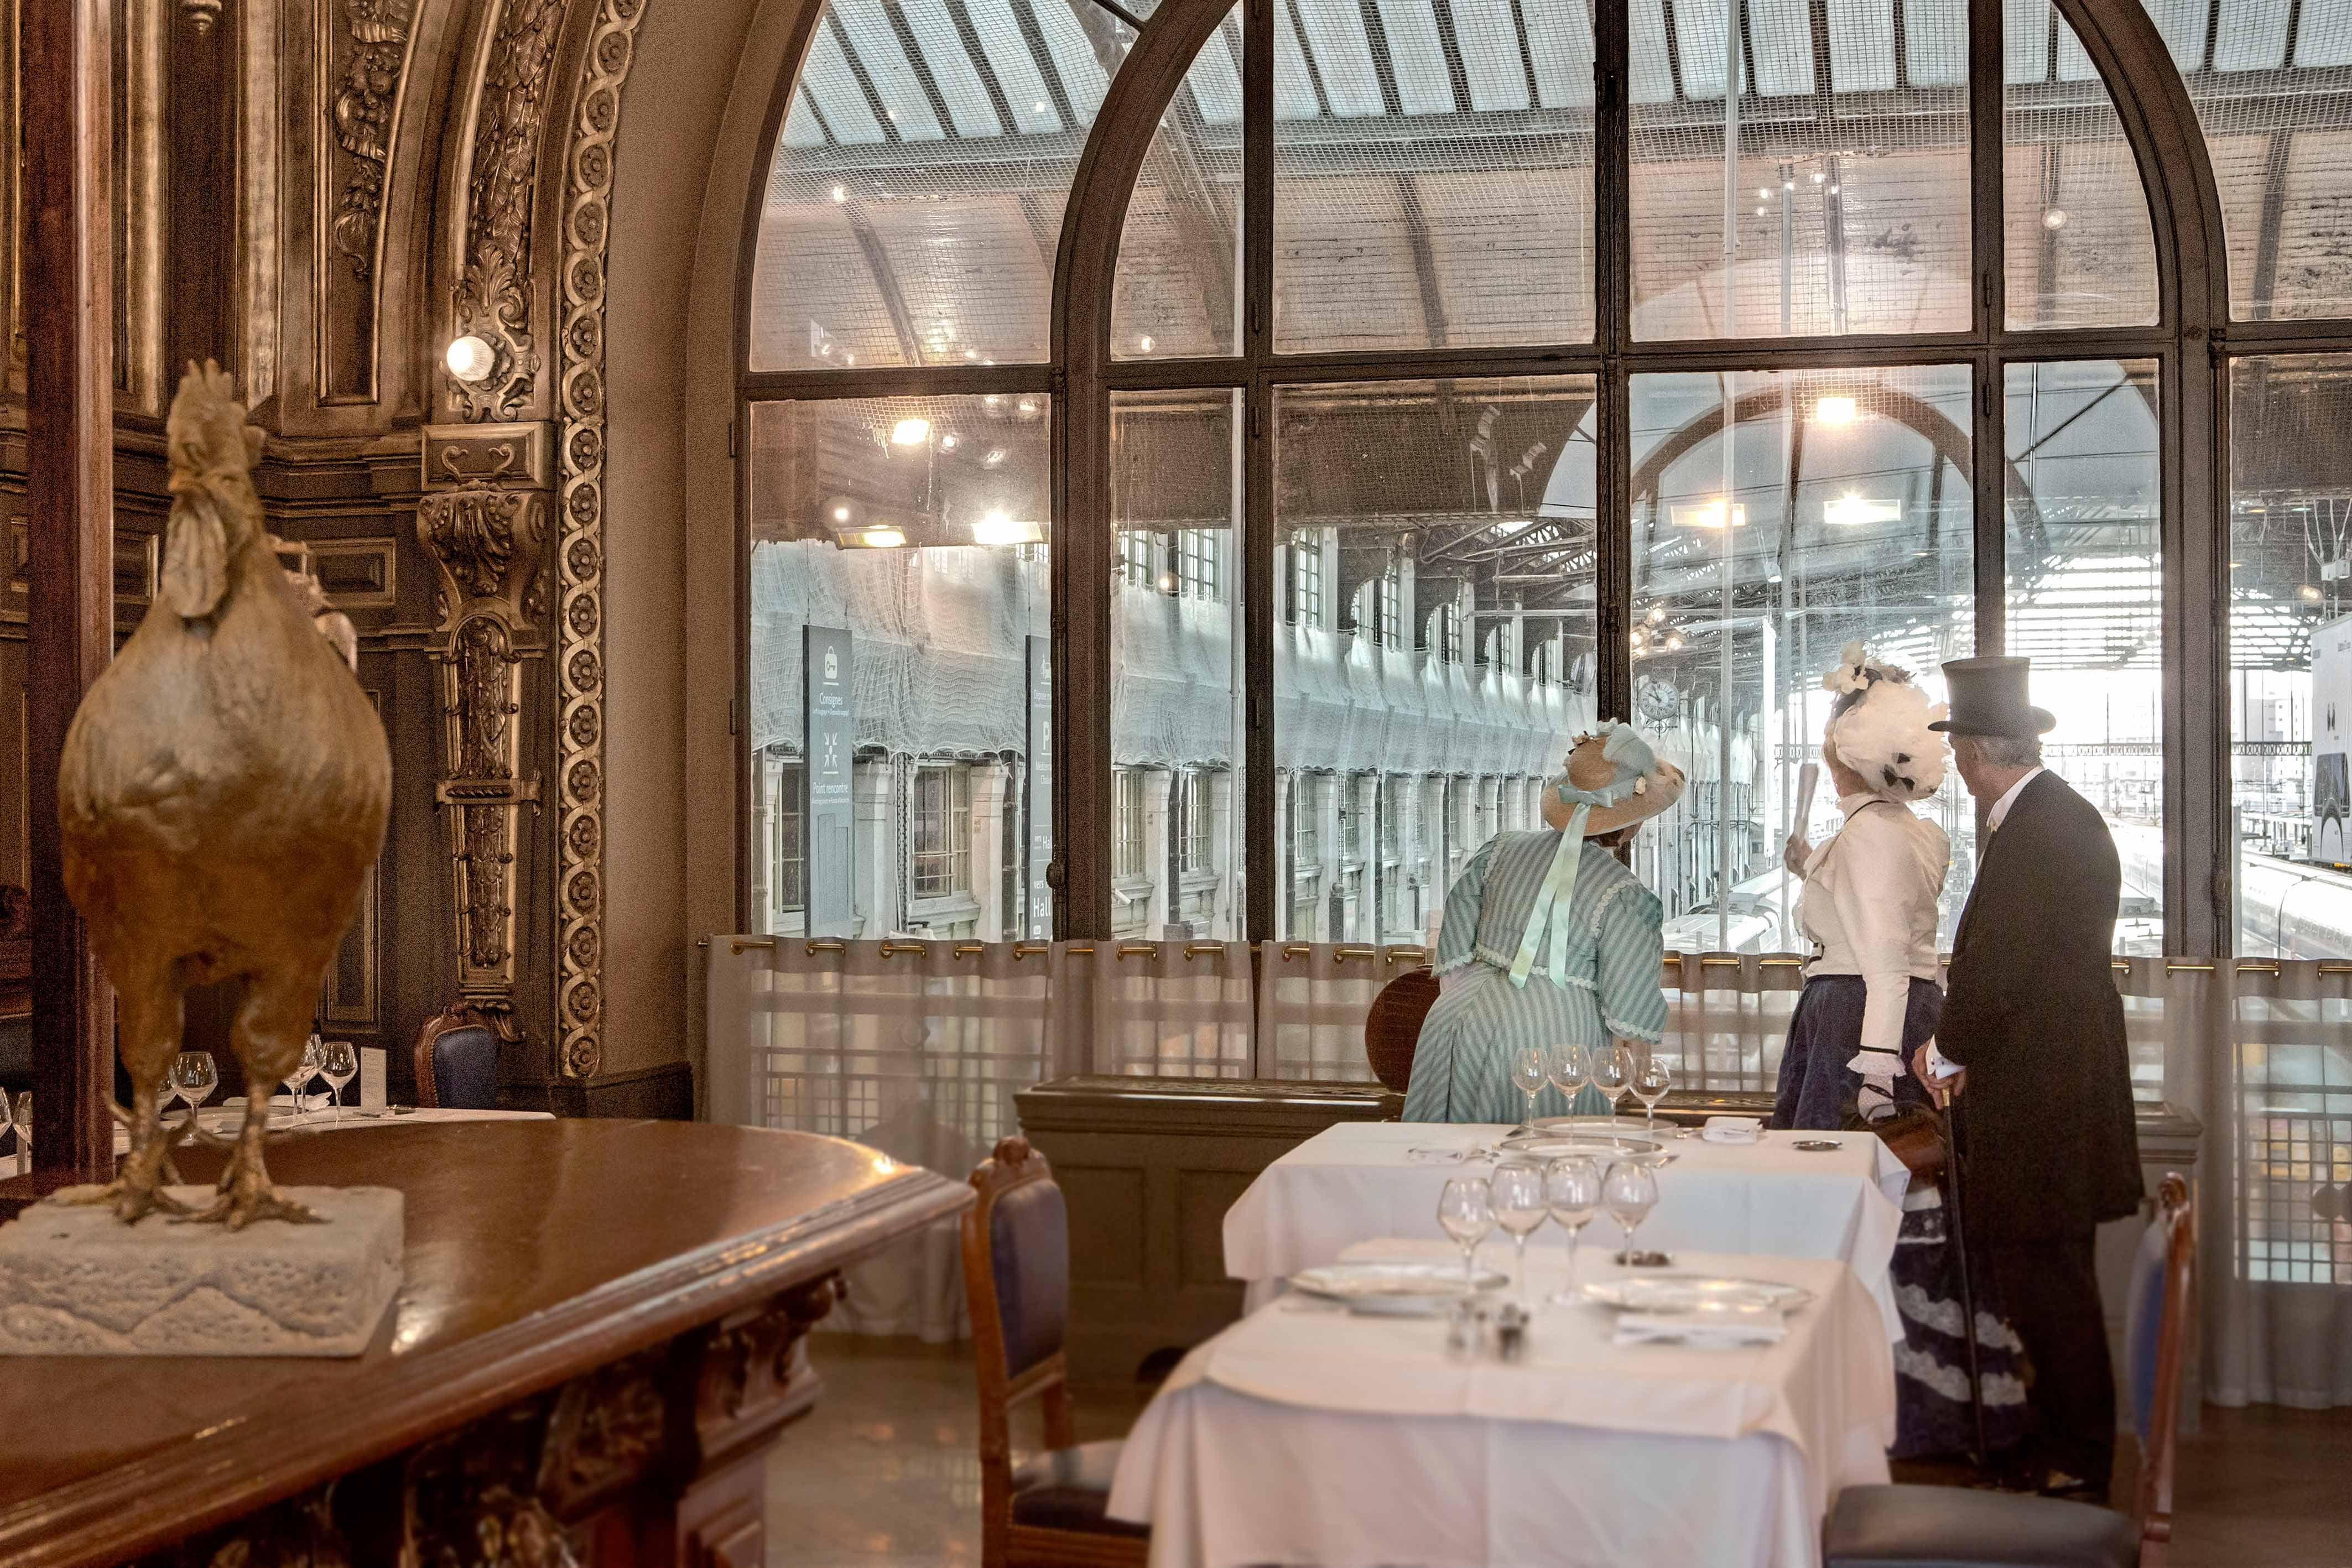 Gares en Europe - Paris